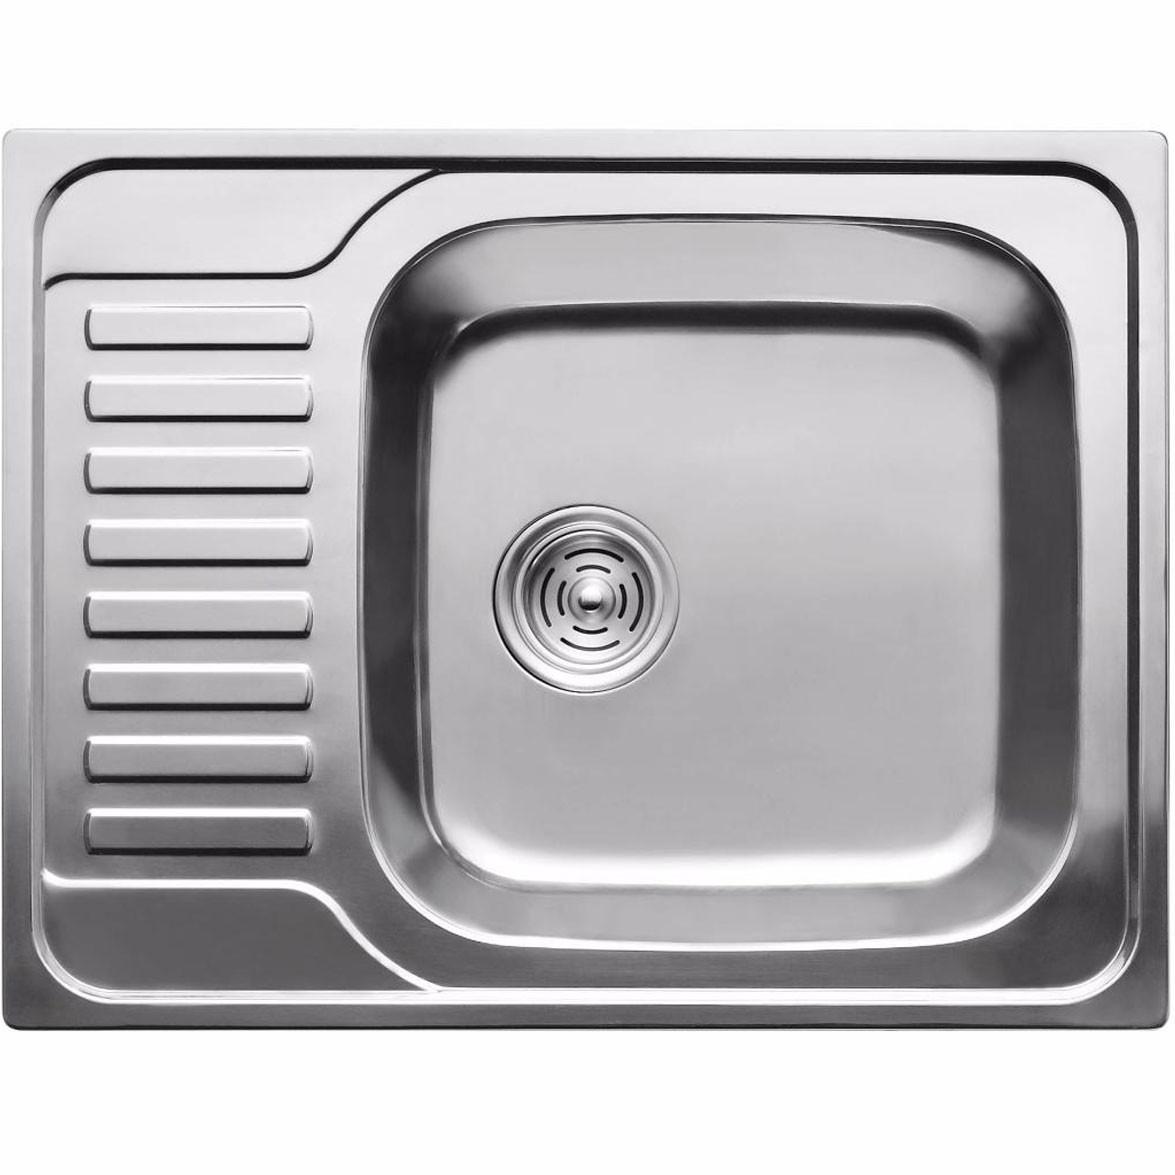 Кухонная мойка из нержавеющей стали ULA 7201 ZS decor